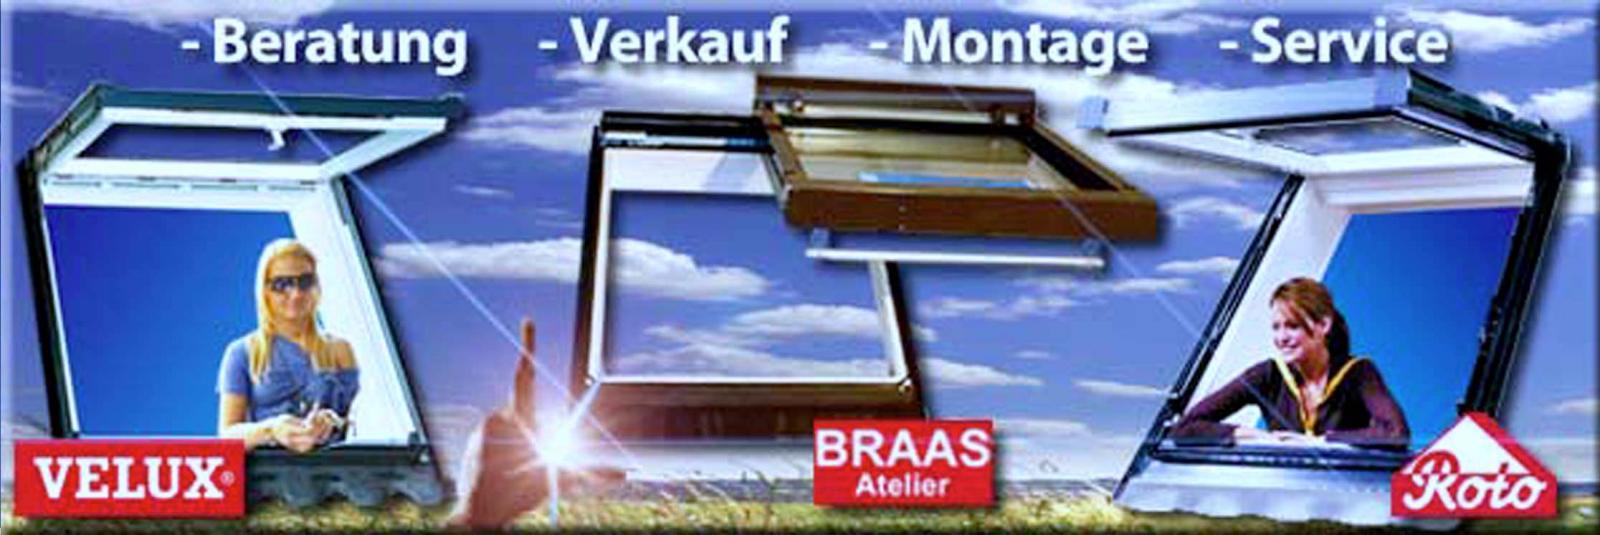 braas atelier dachfenster mae warum alte fenster tauschen with braas atelier dachfenster mae. Black Bedroom Furniture Sets. Home Design Ideas